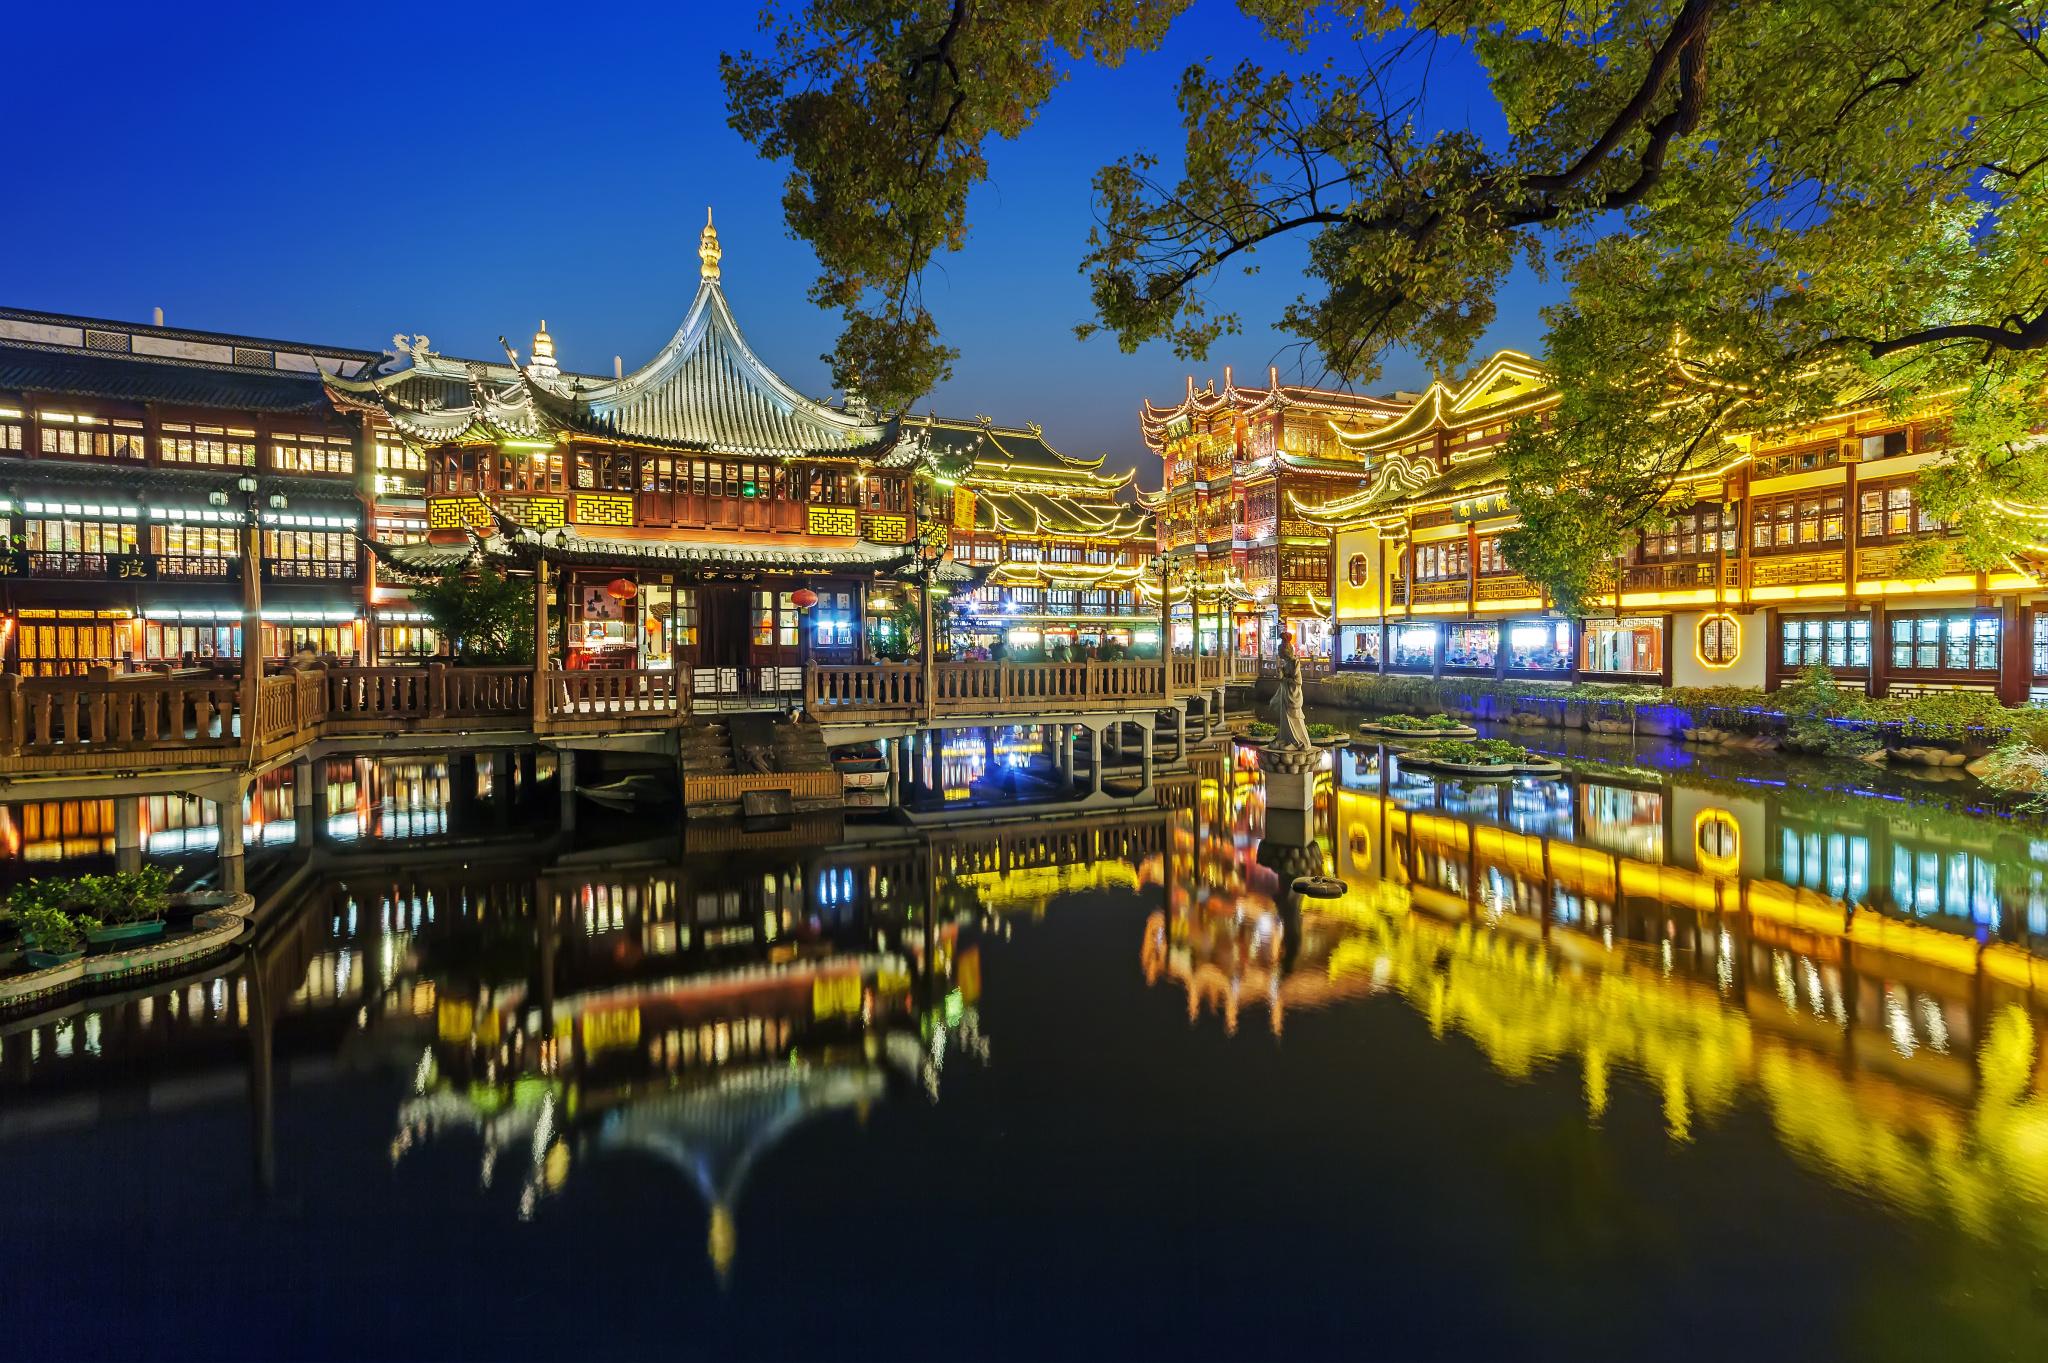 上海景点大全,旅游攻略,带你领略纸迷金醉